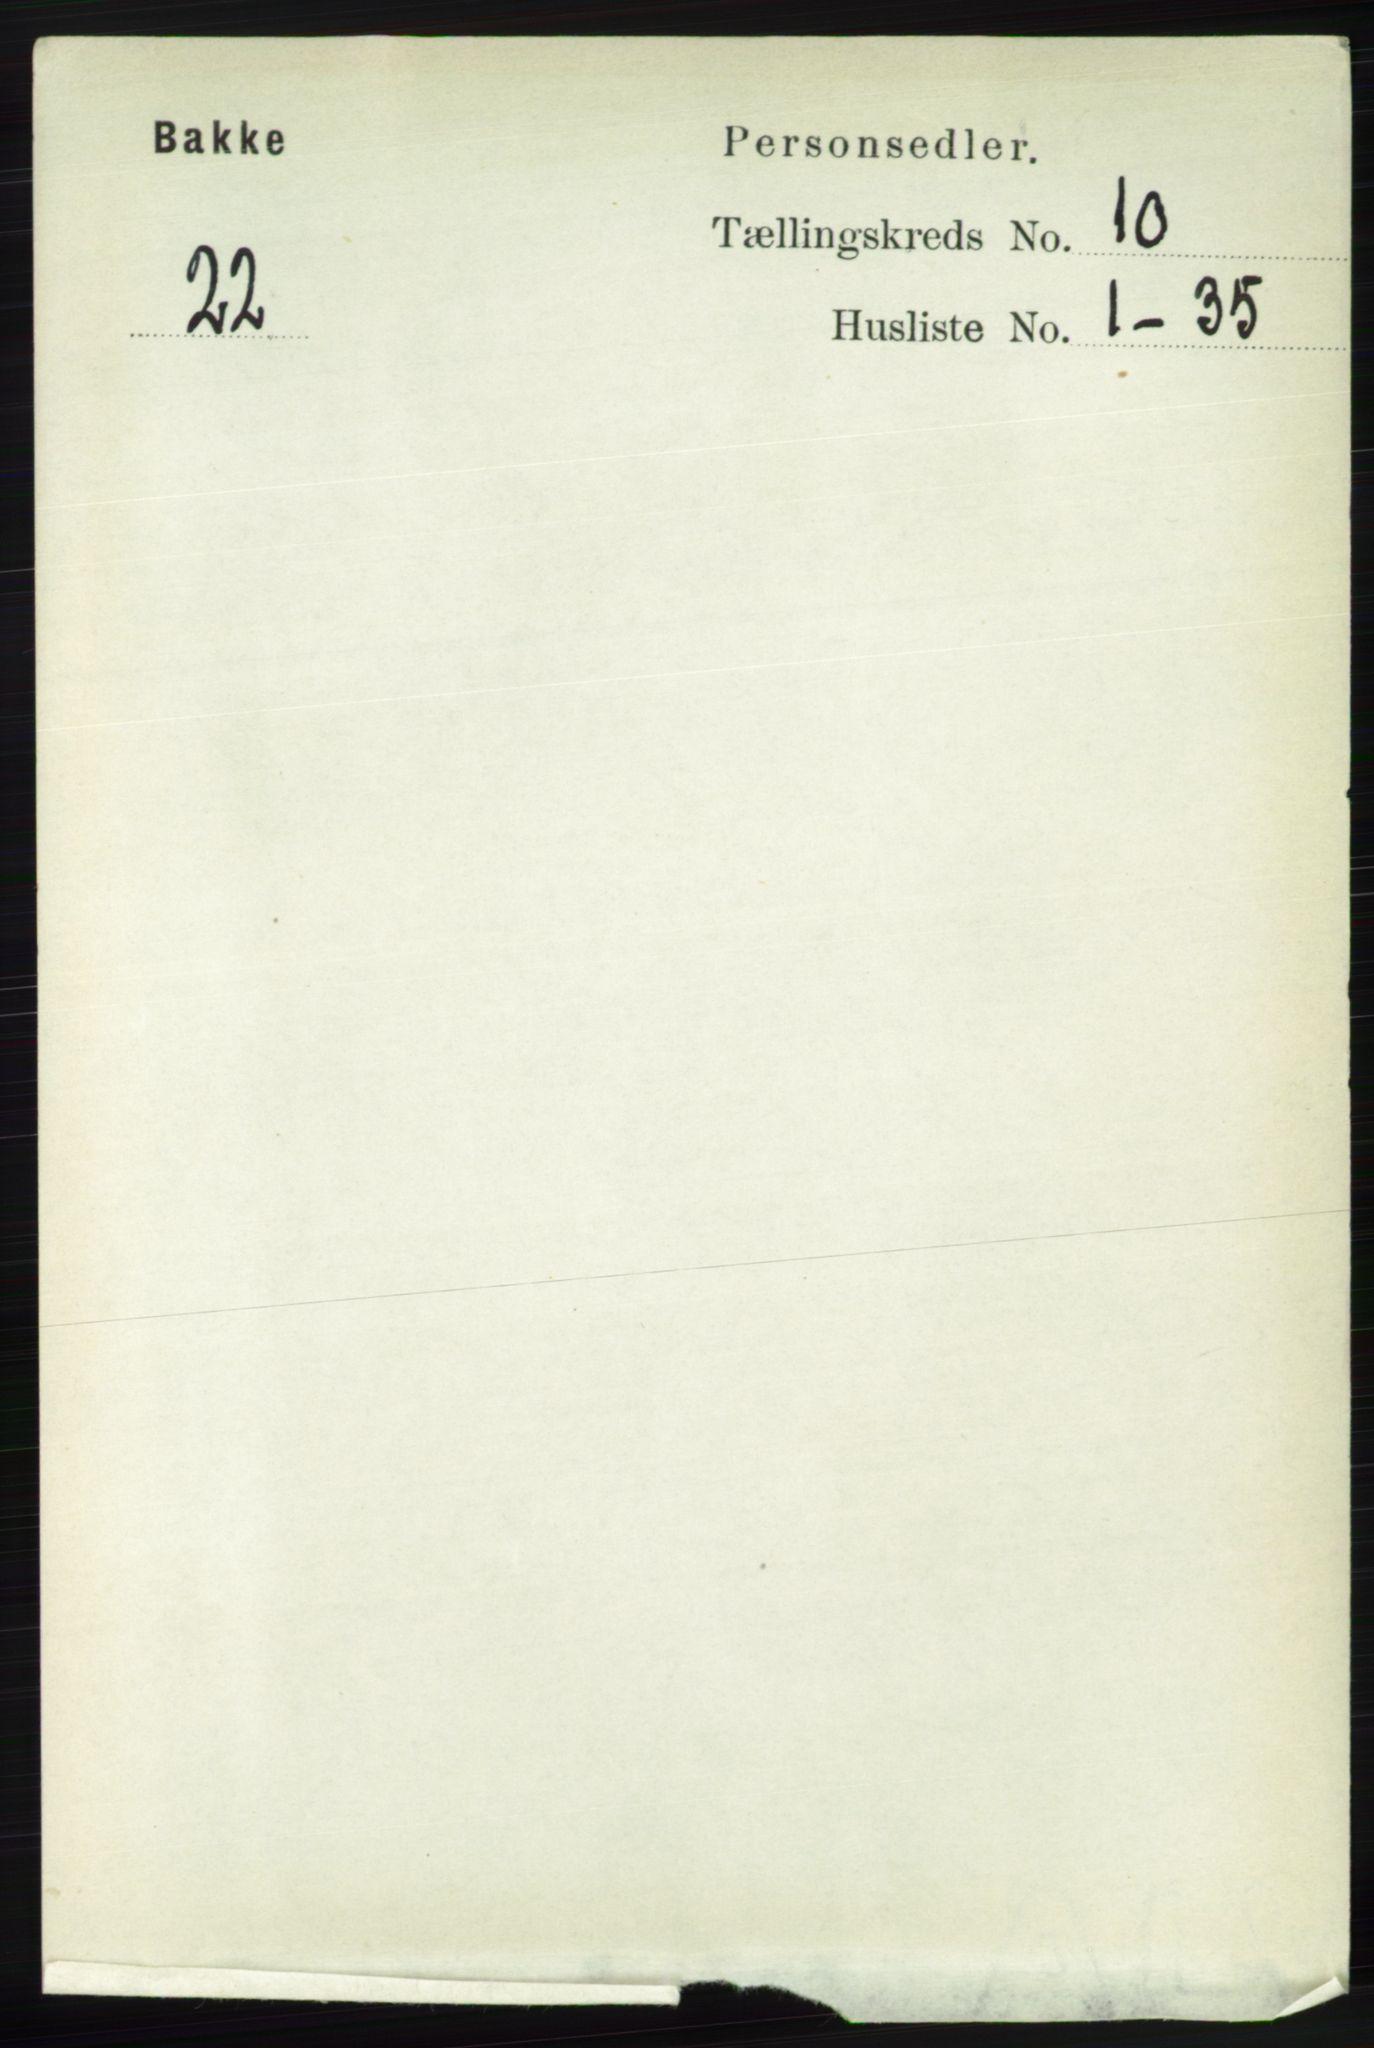 RA, Folketelling 1891 for 1045 Bakke herred, 1891, s. 2001